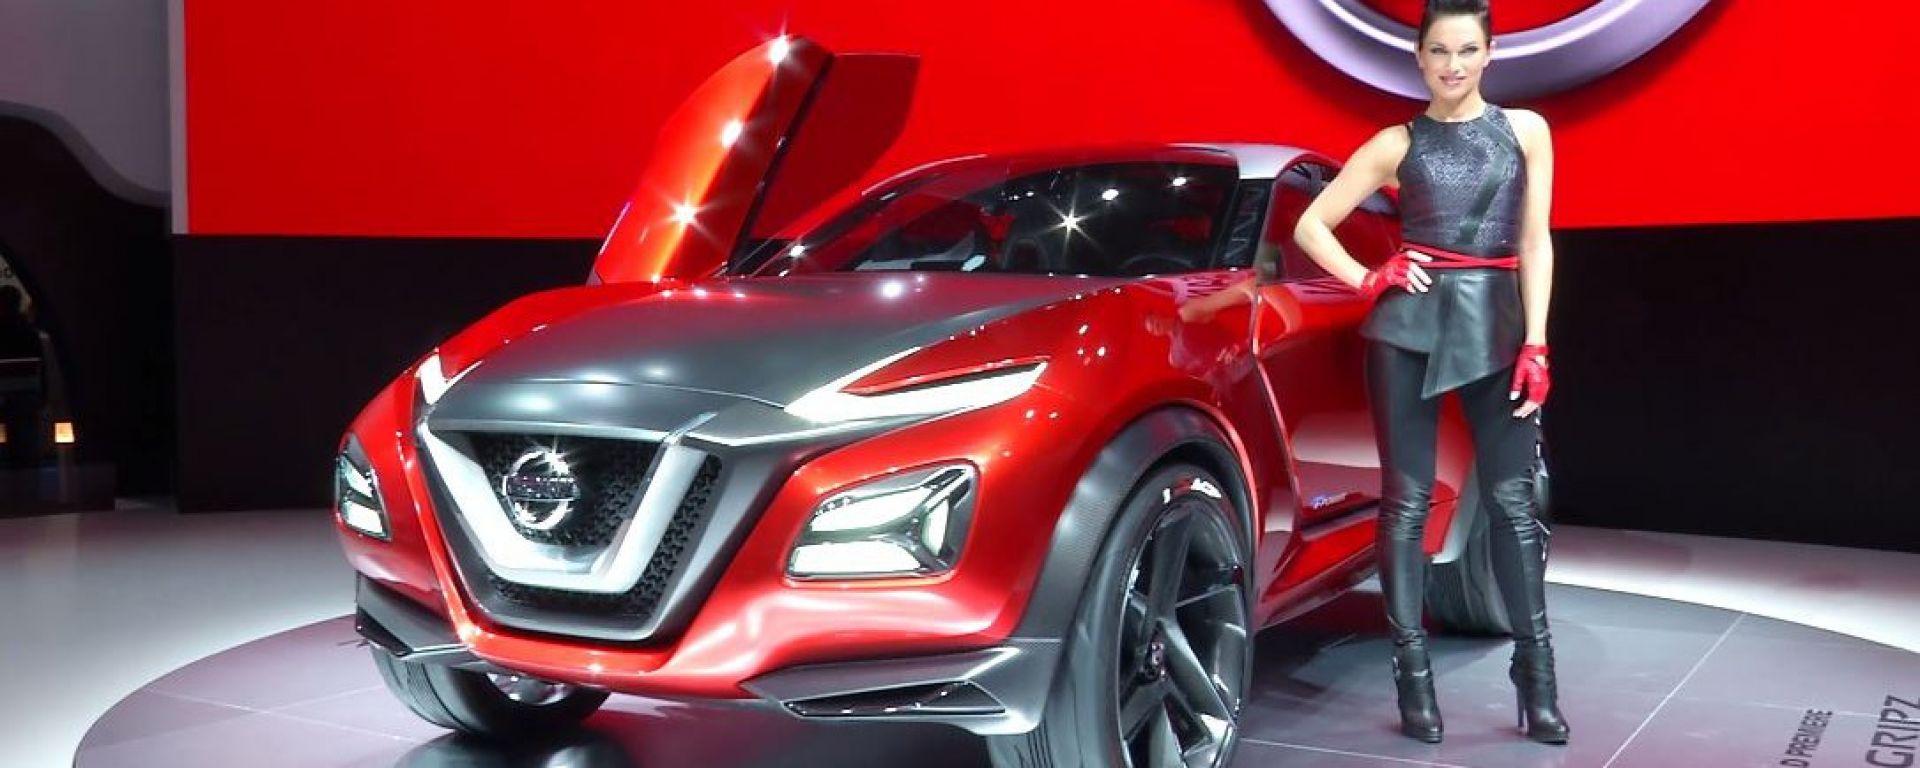 IAA Francoforte 2015: le novità Nissan